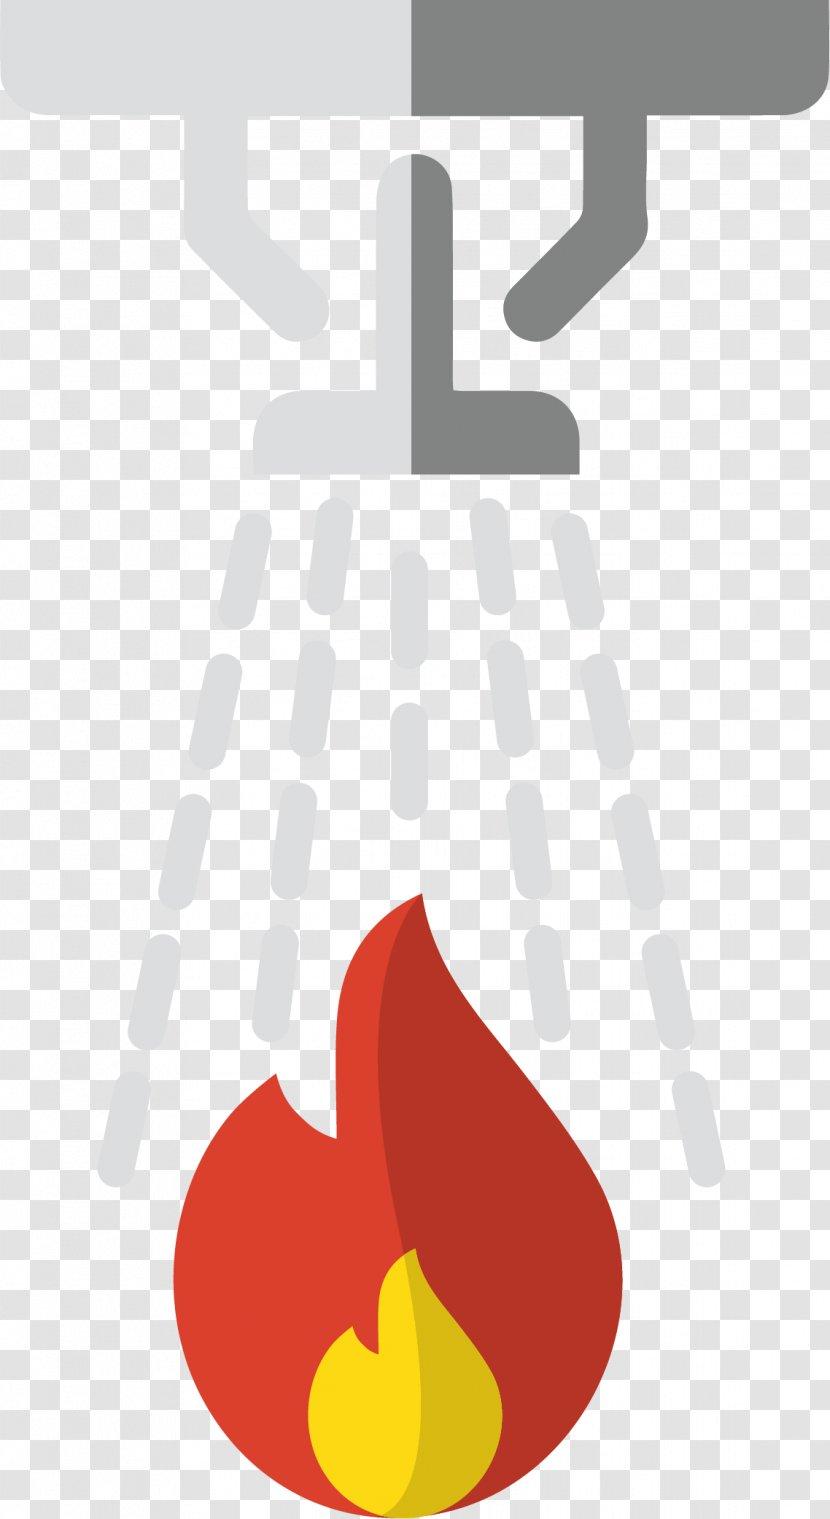 Fire Sprinkler System Extinguishers Korsmeyer Protection Clip Art - Hydrant Transparent PNG